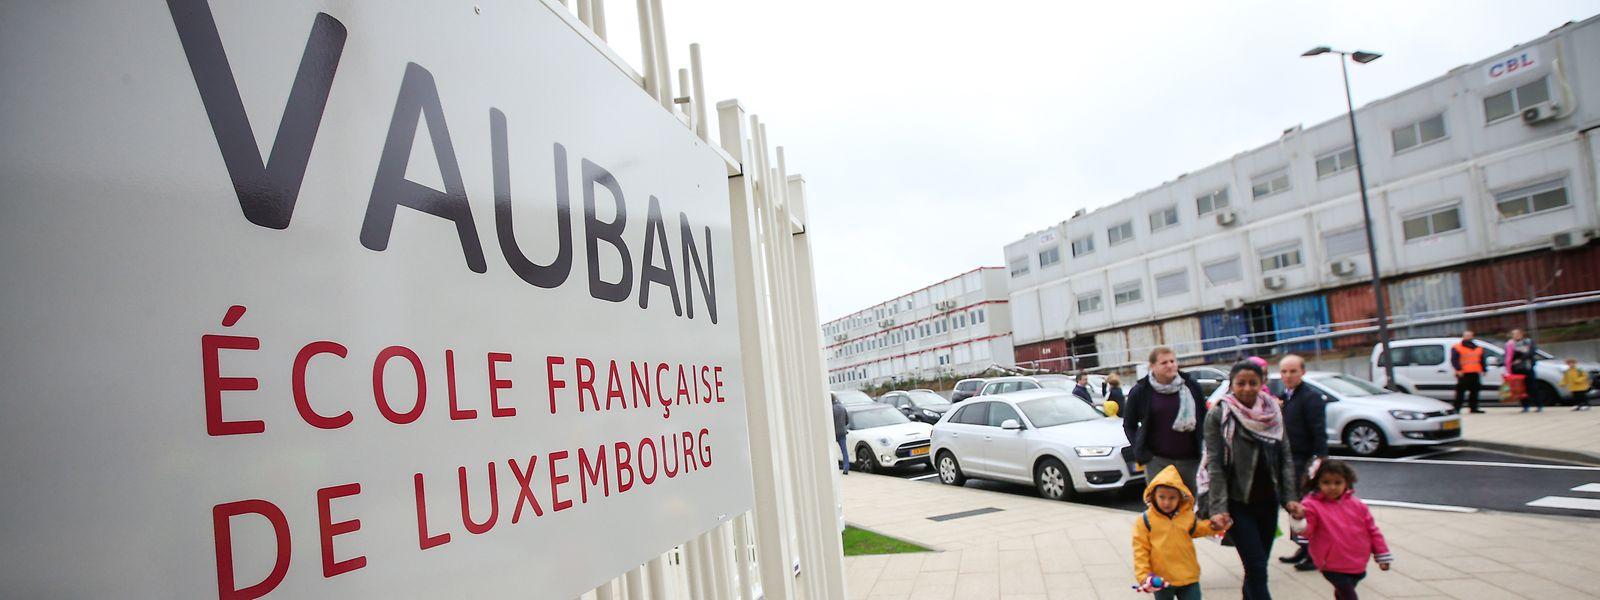 Au lycée Vauban toutes les classes de Terminale ont été invitées à rester à la maison du 25 au 29 avril.